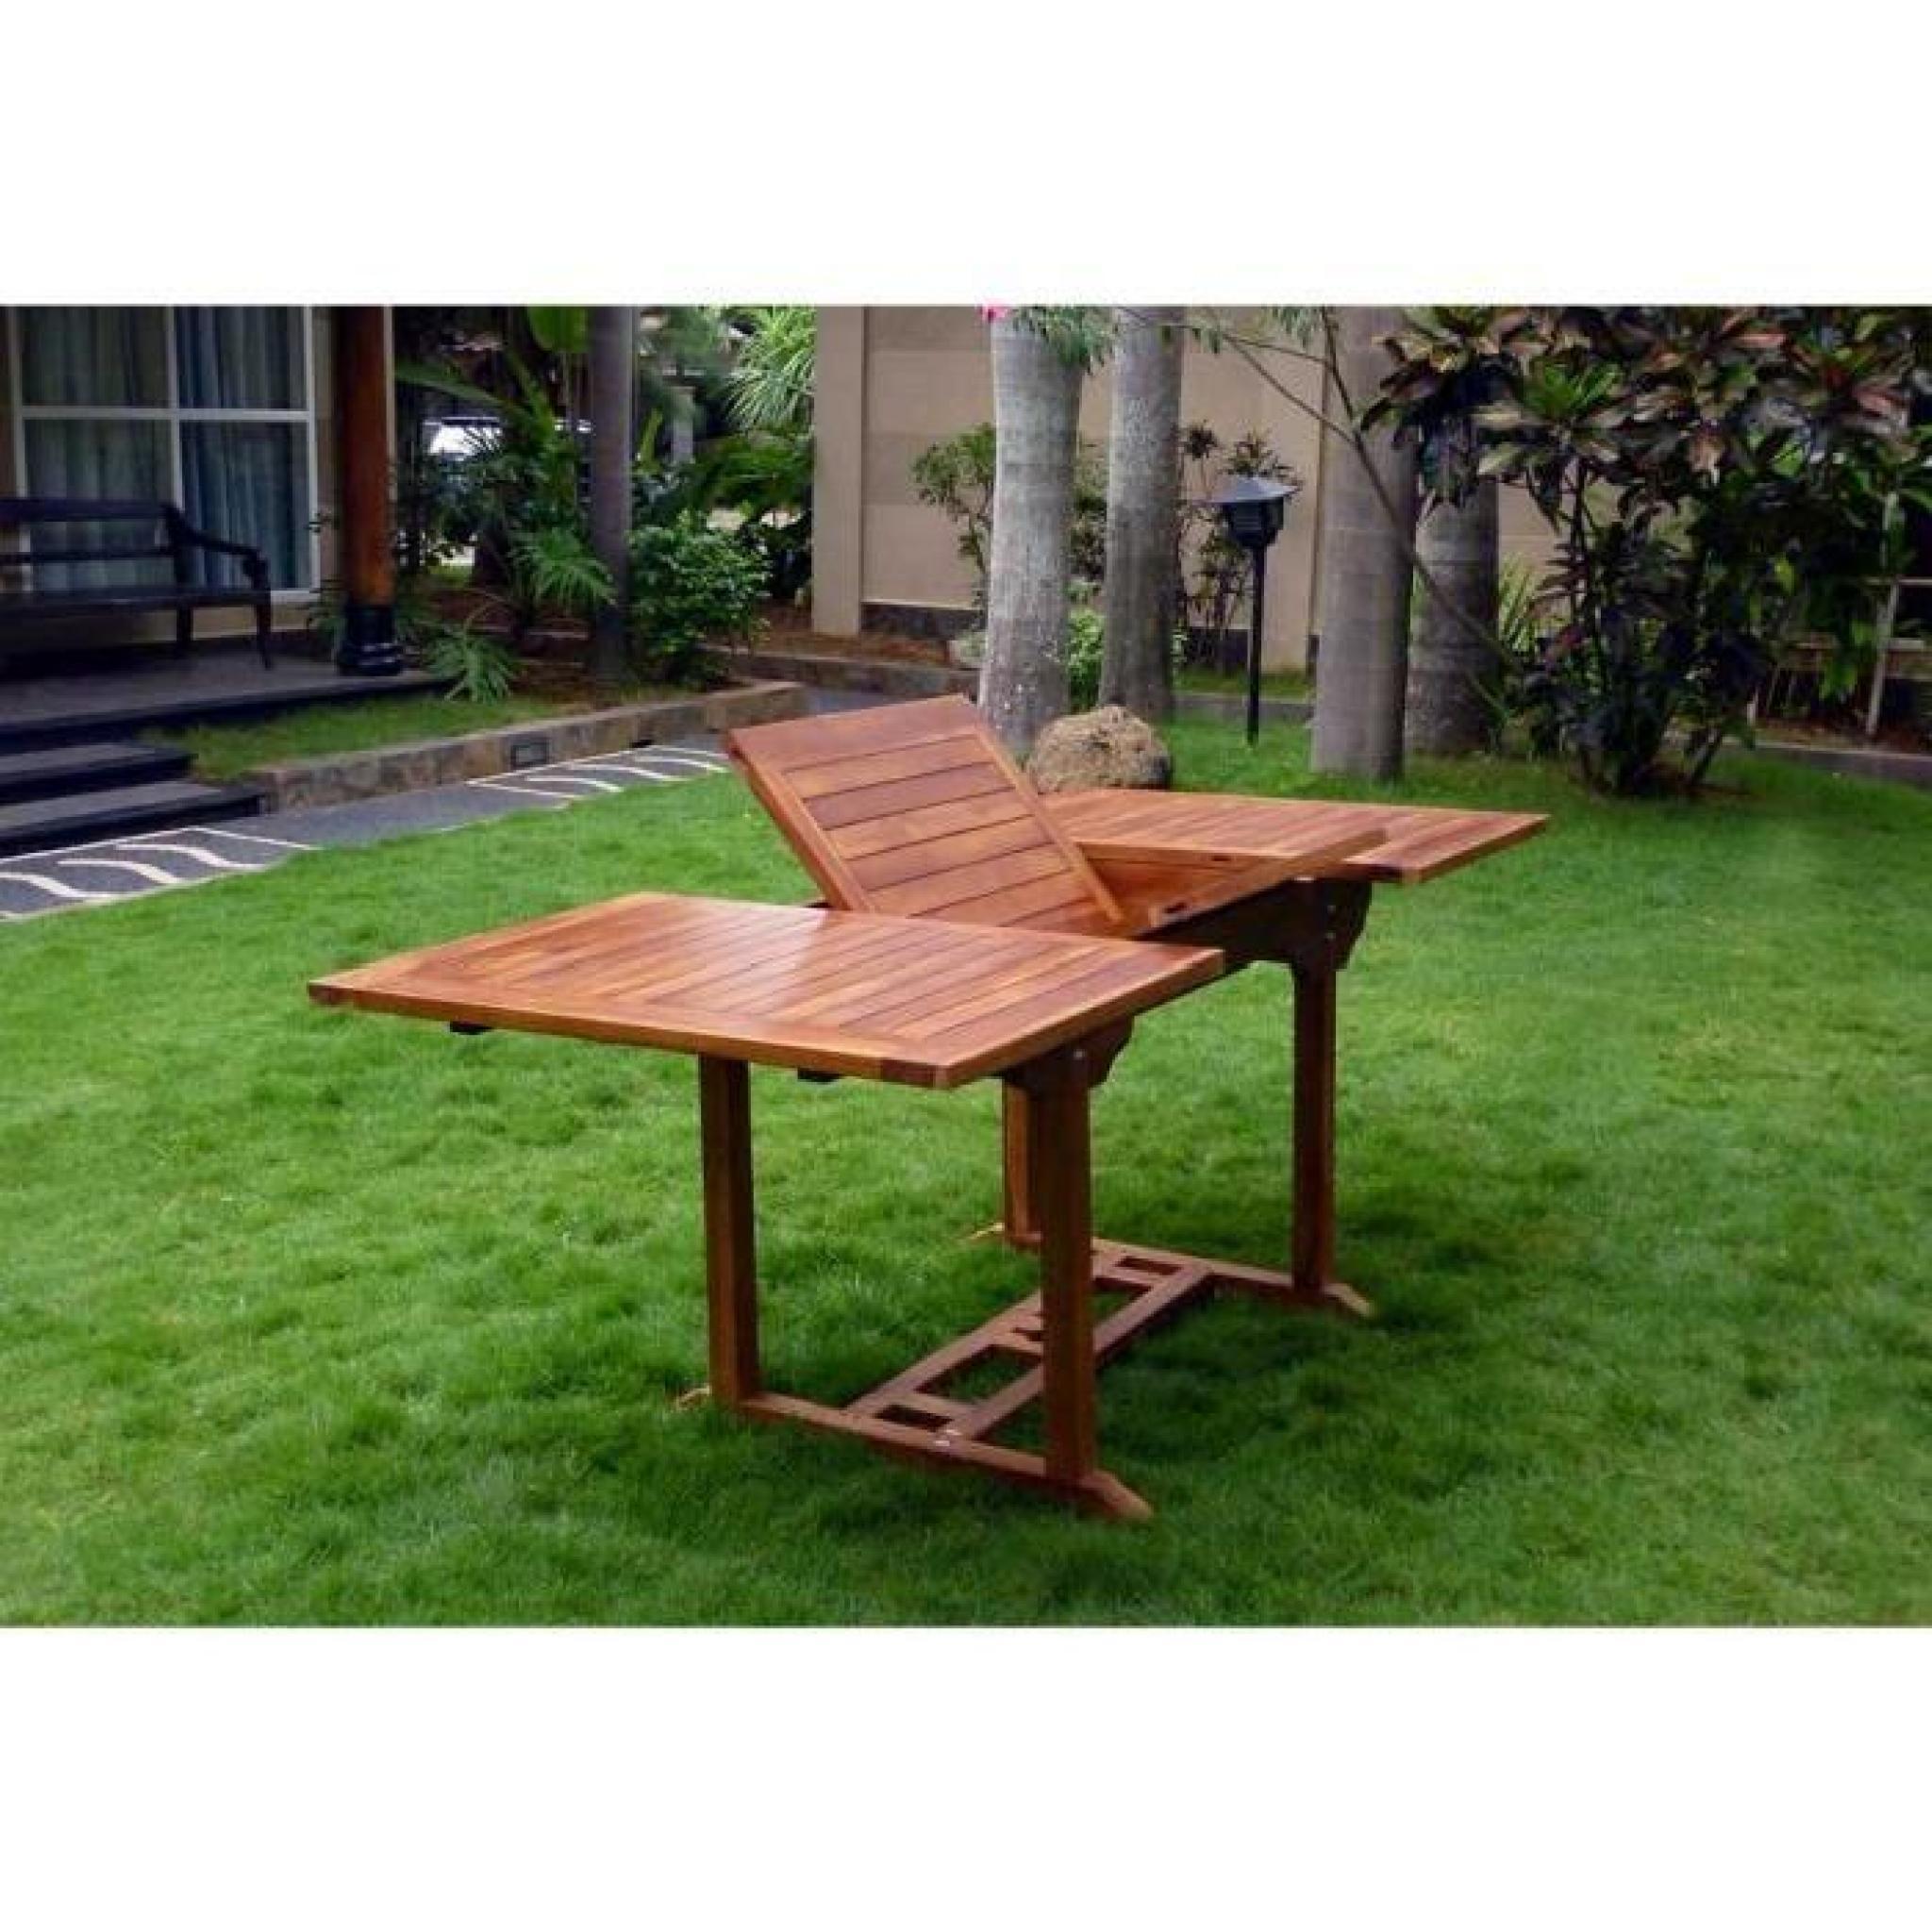 Table Extérieur En Teck Huilé 8 Places destiné Table De Jardin Extensible Pas Cher